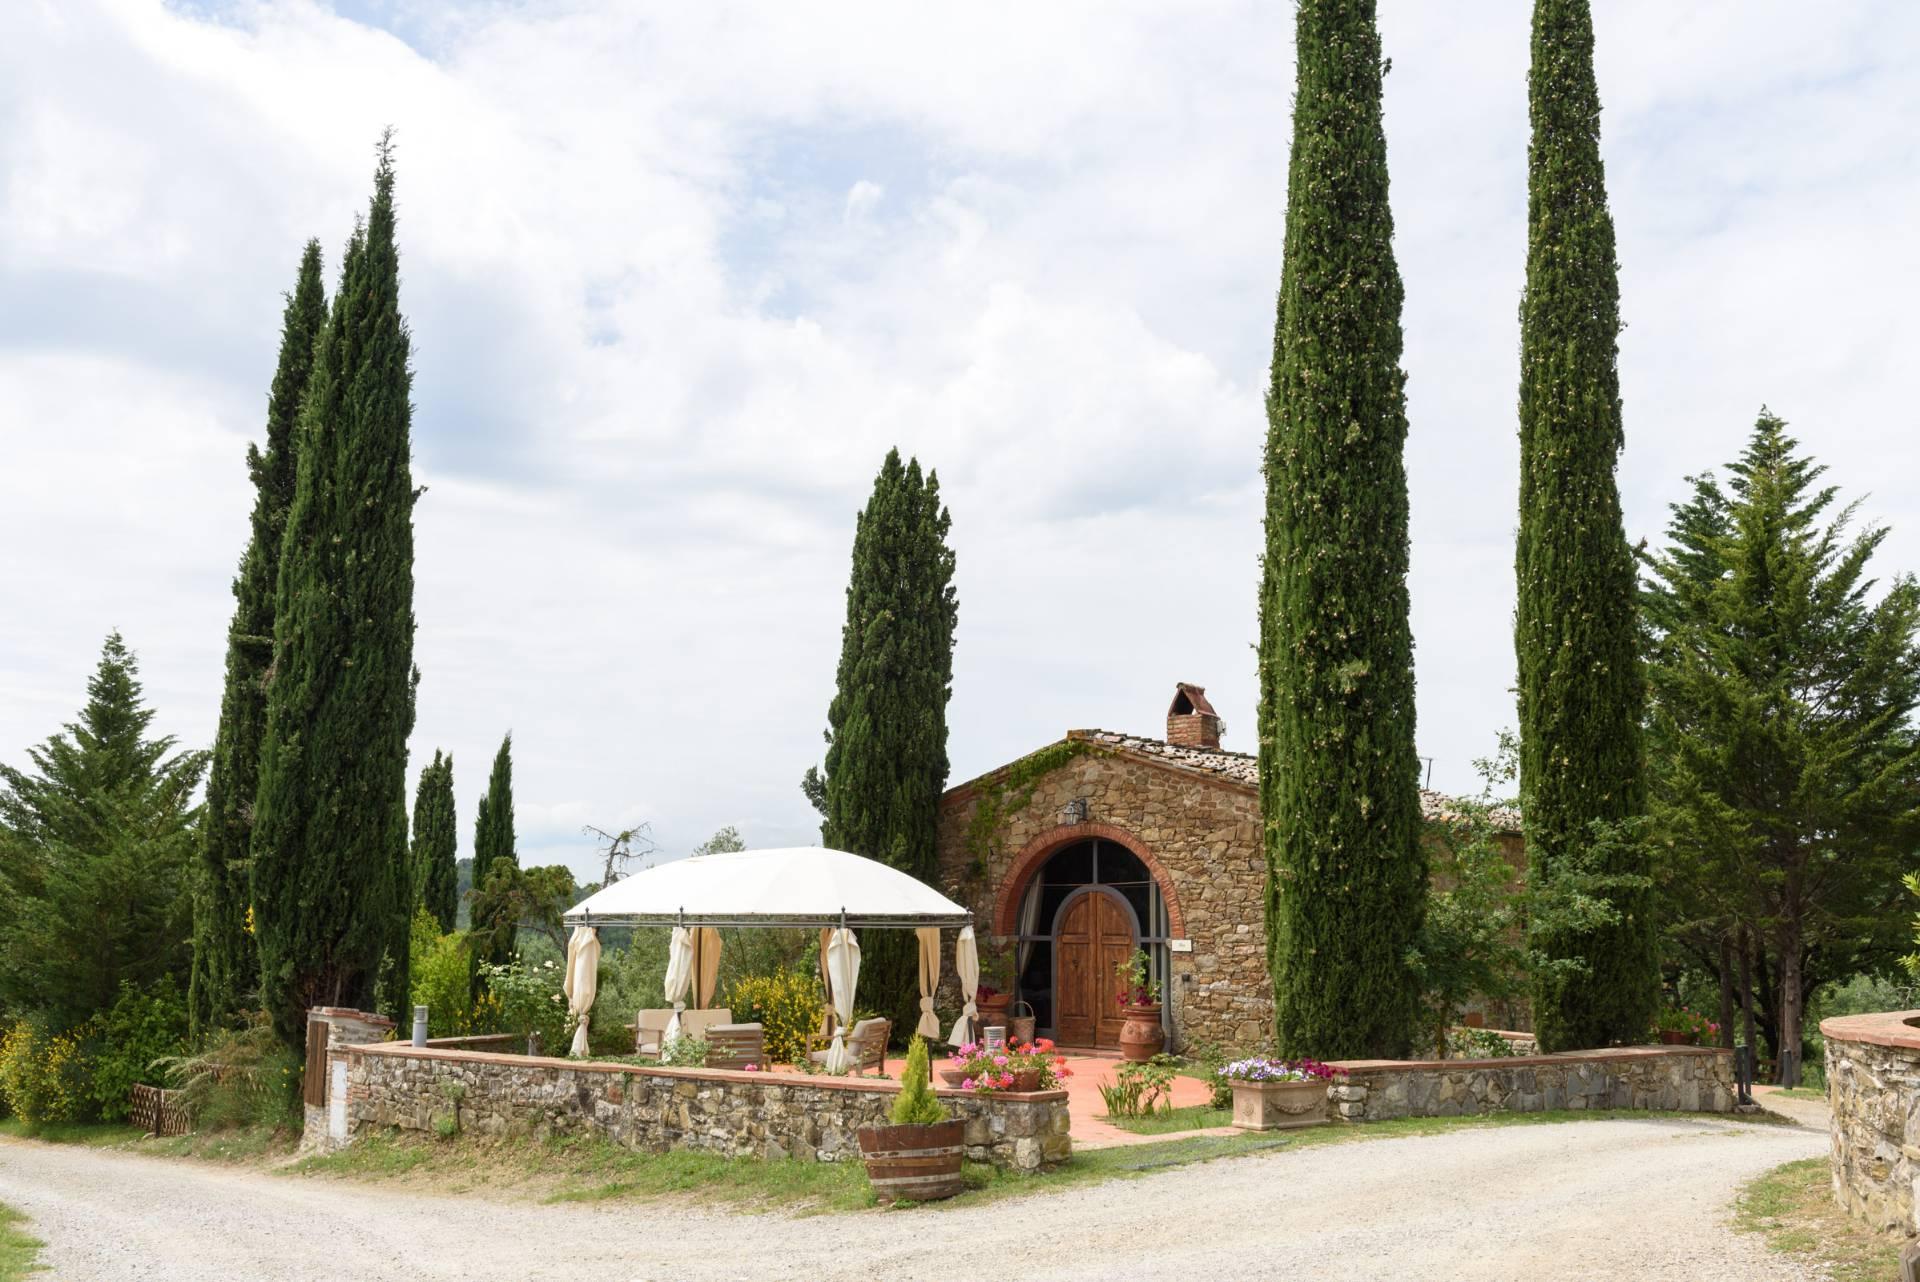 Rustico in Vendita a Gaiole In Chianti: 5 locali, 2170 mq - Foto 10